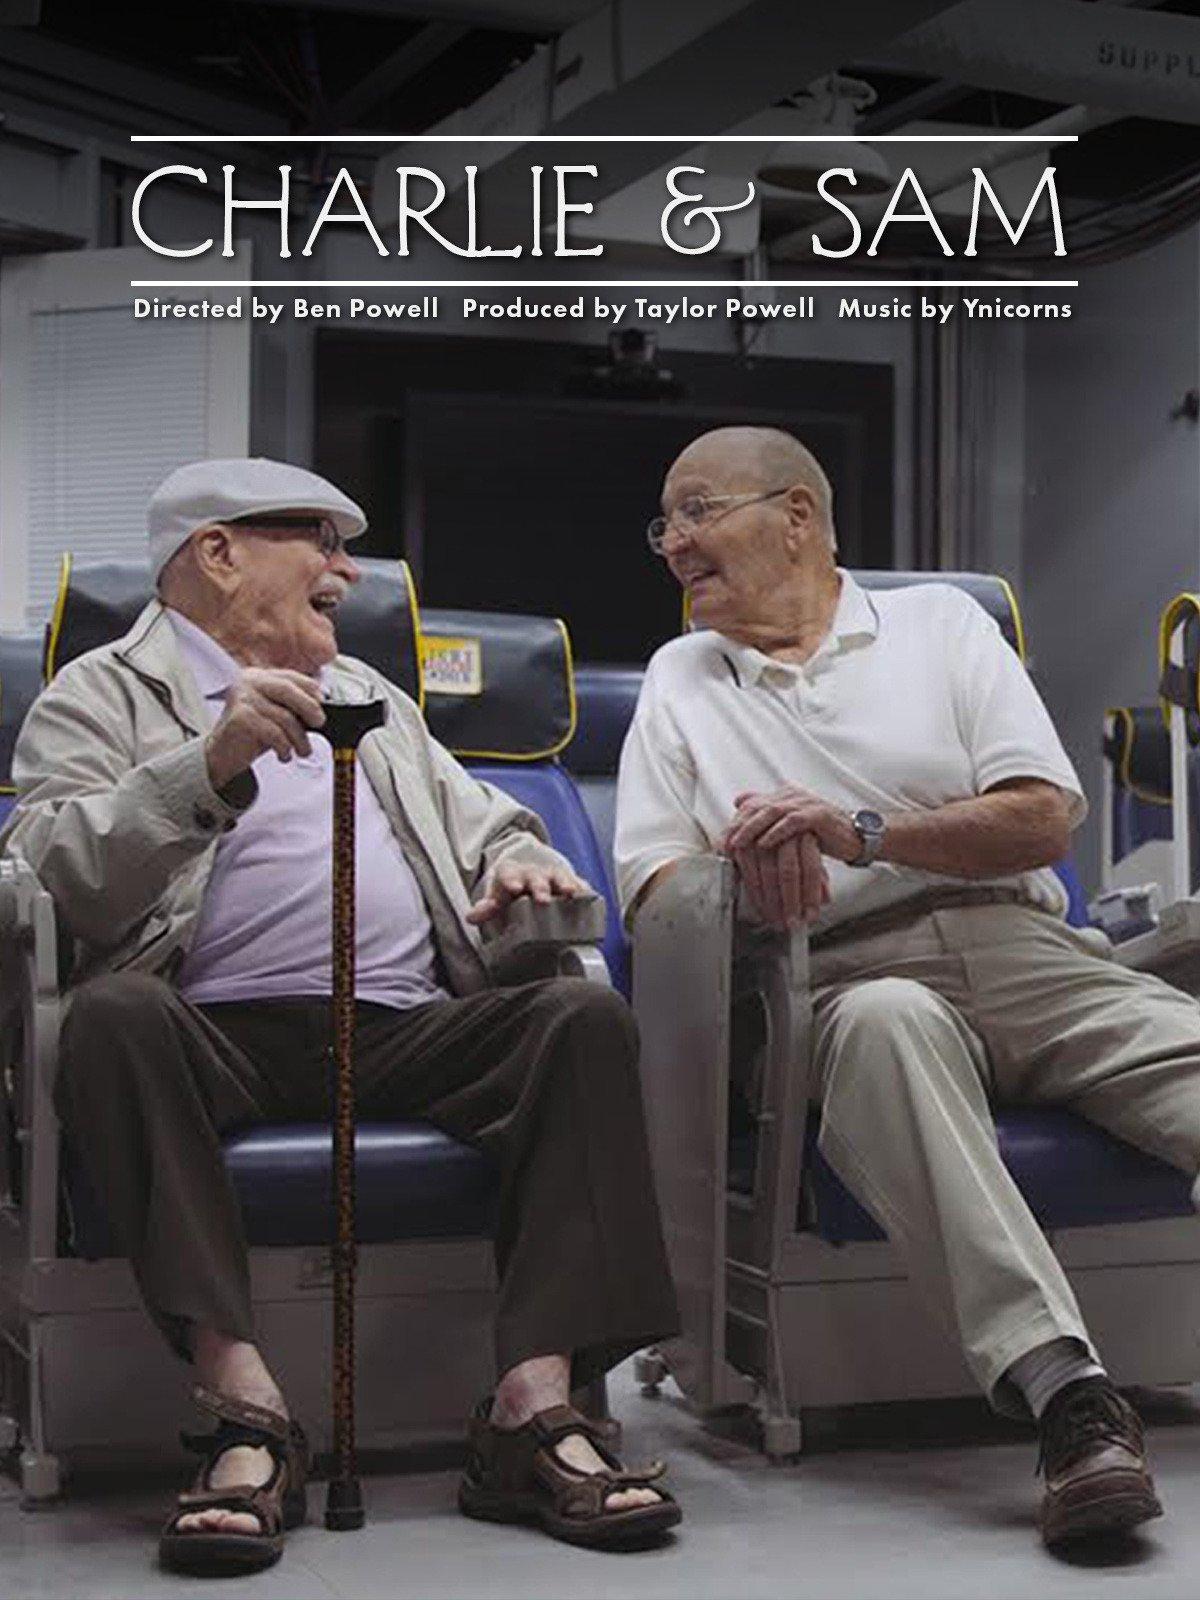 Charlie & Sam